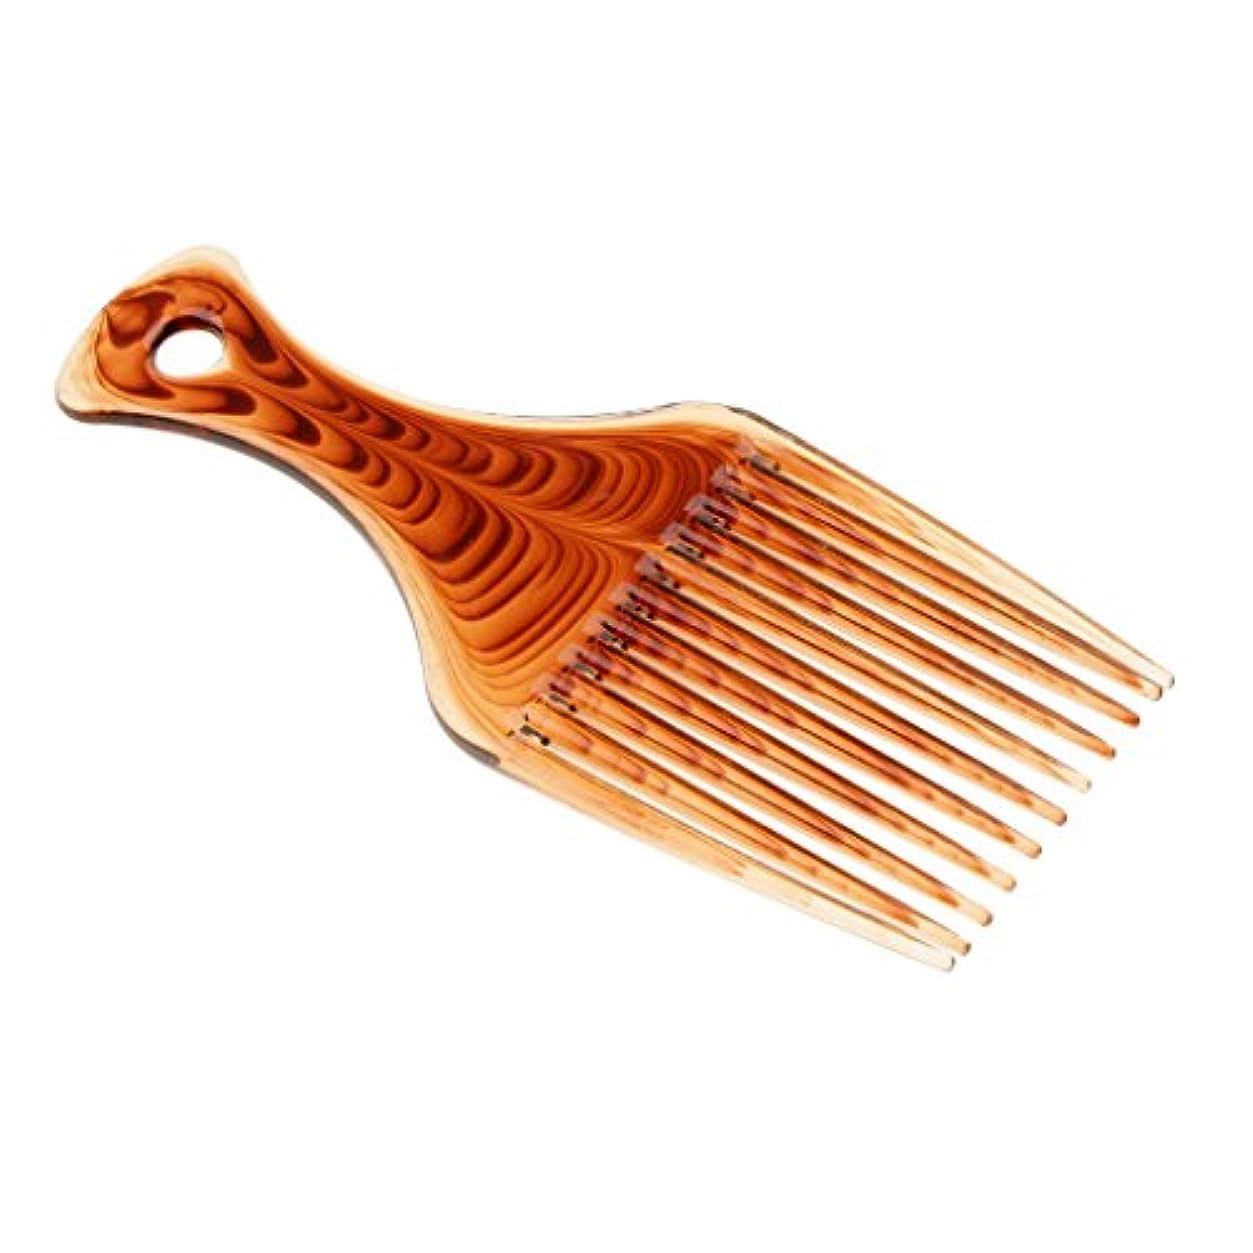 予防接種シガレットお祝いヘアブラシ ヘアコーム かつら くし プラスチック製 持ち上げ ヘアブラシ